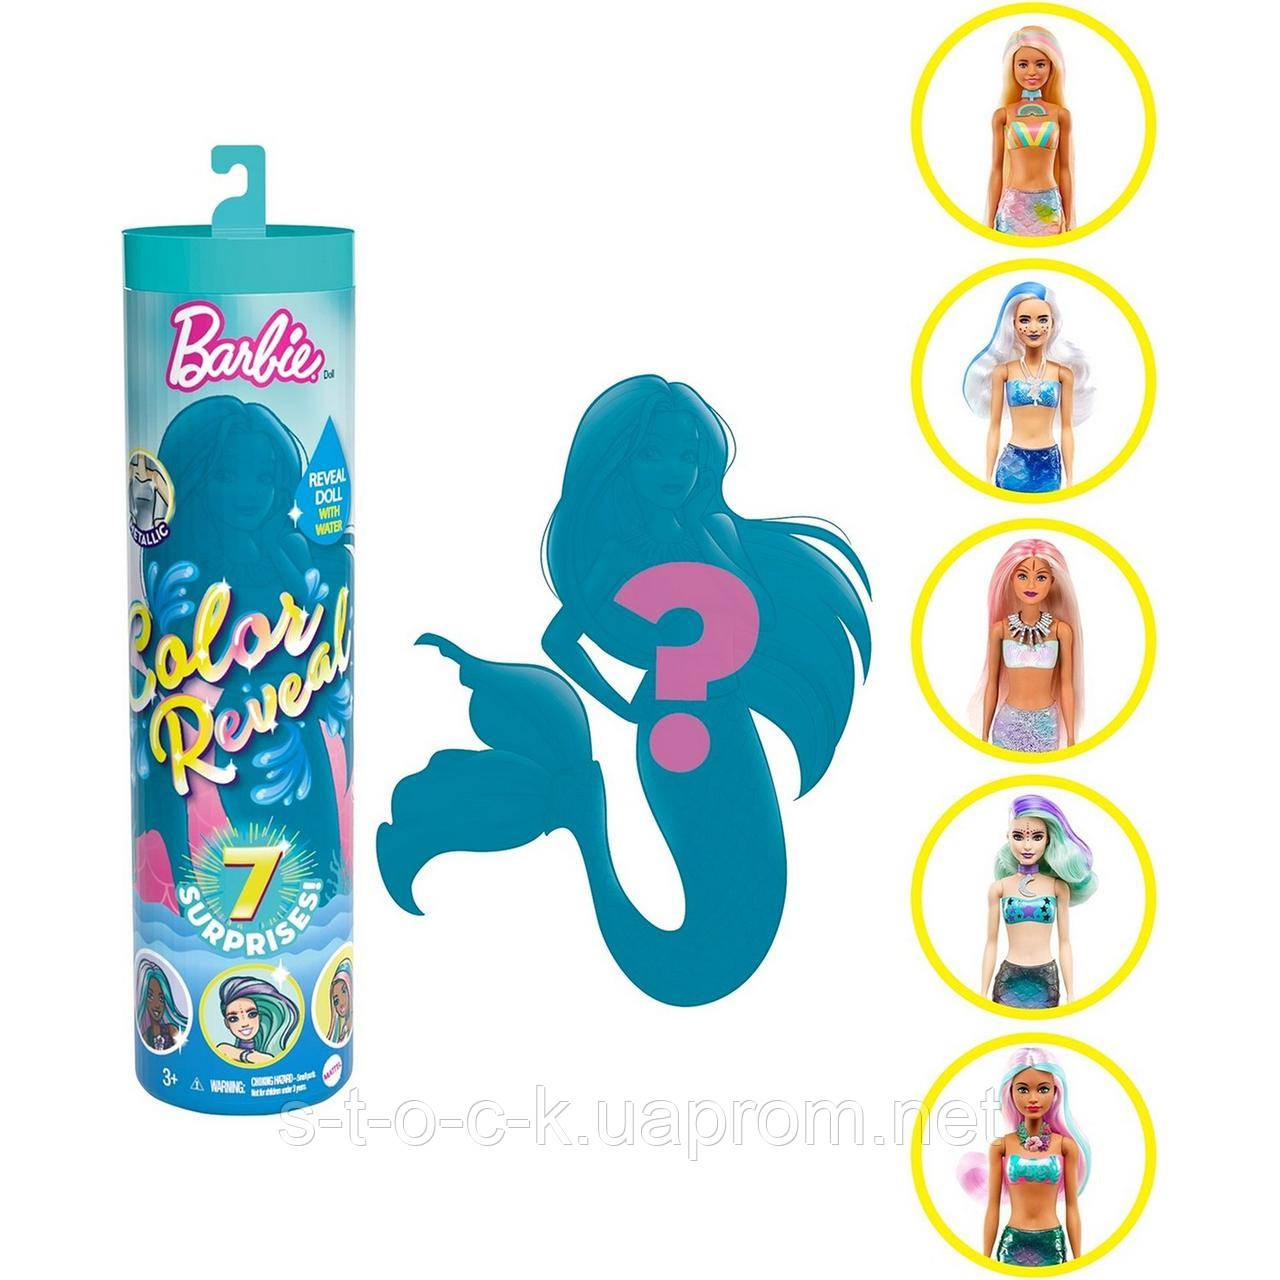 Кукла Русалочка Barbie GTP43 Color Reveal с эффектом -кукла-сюрприз